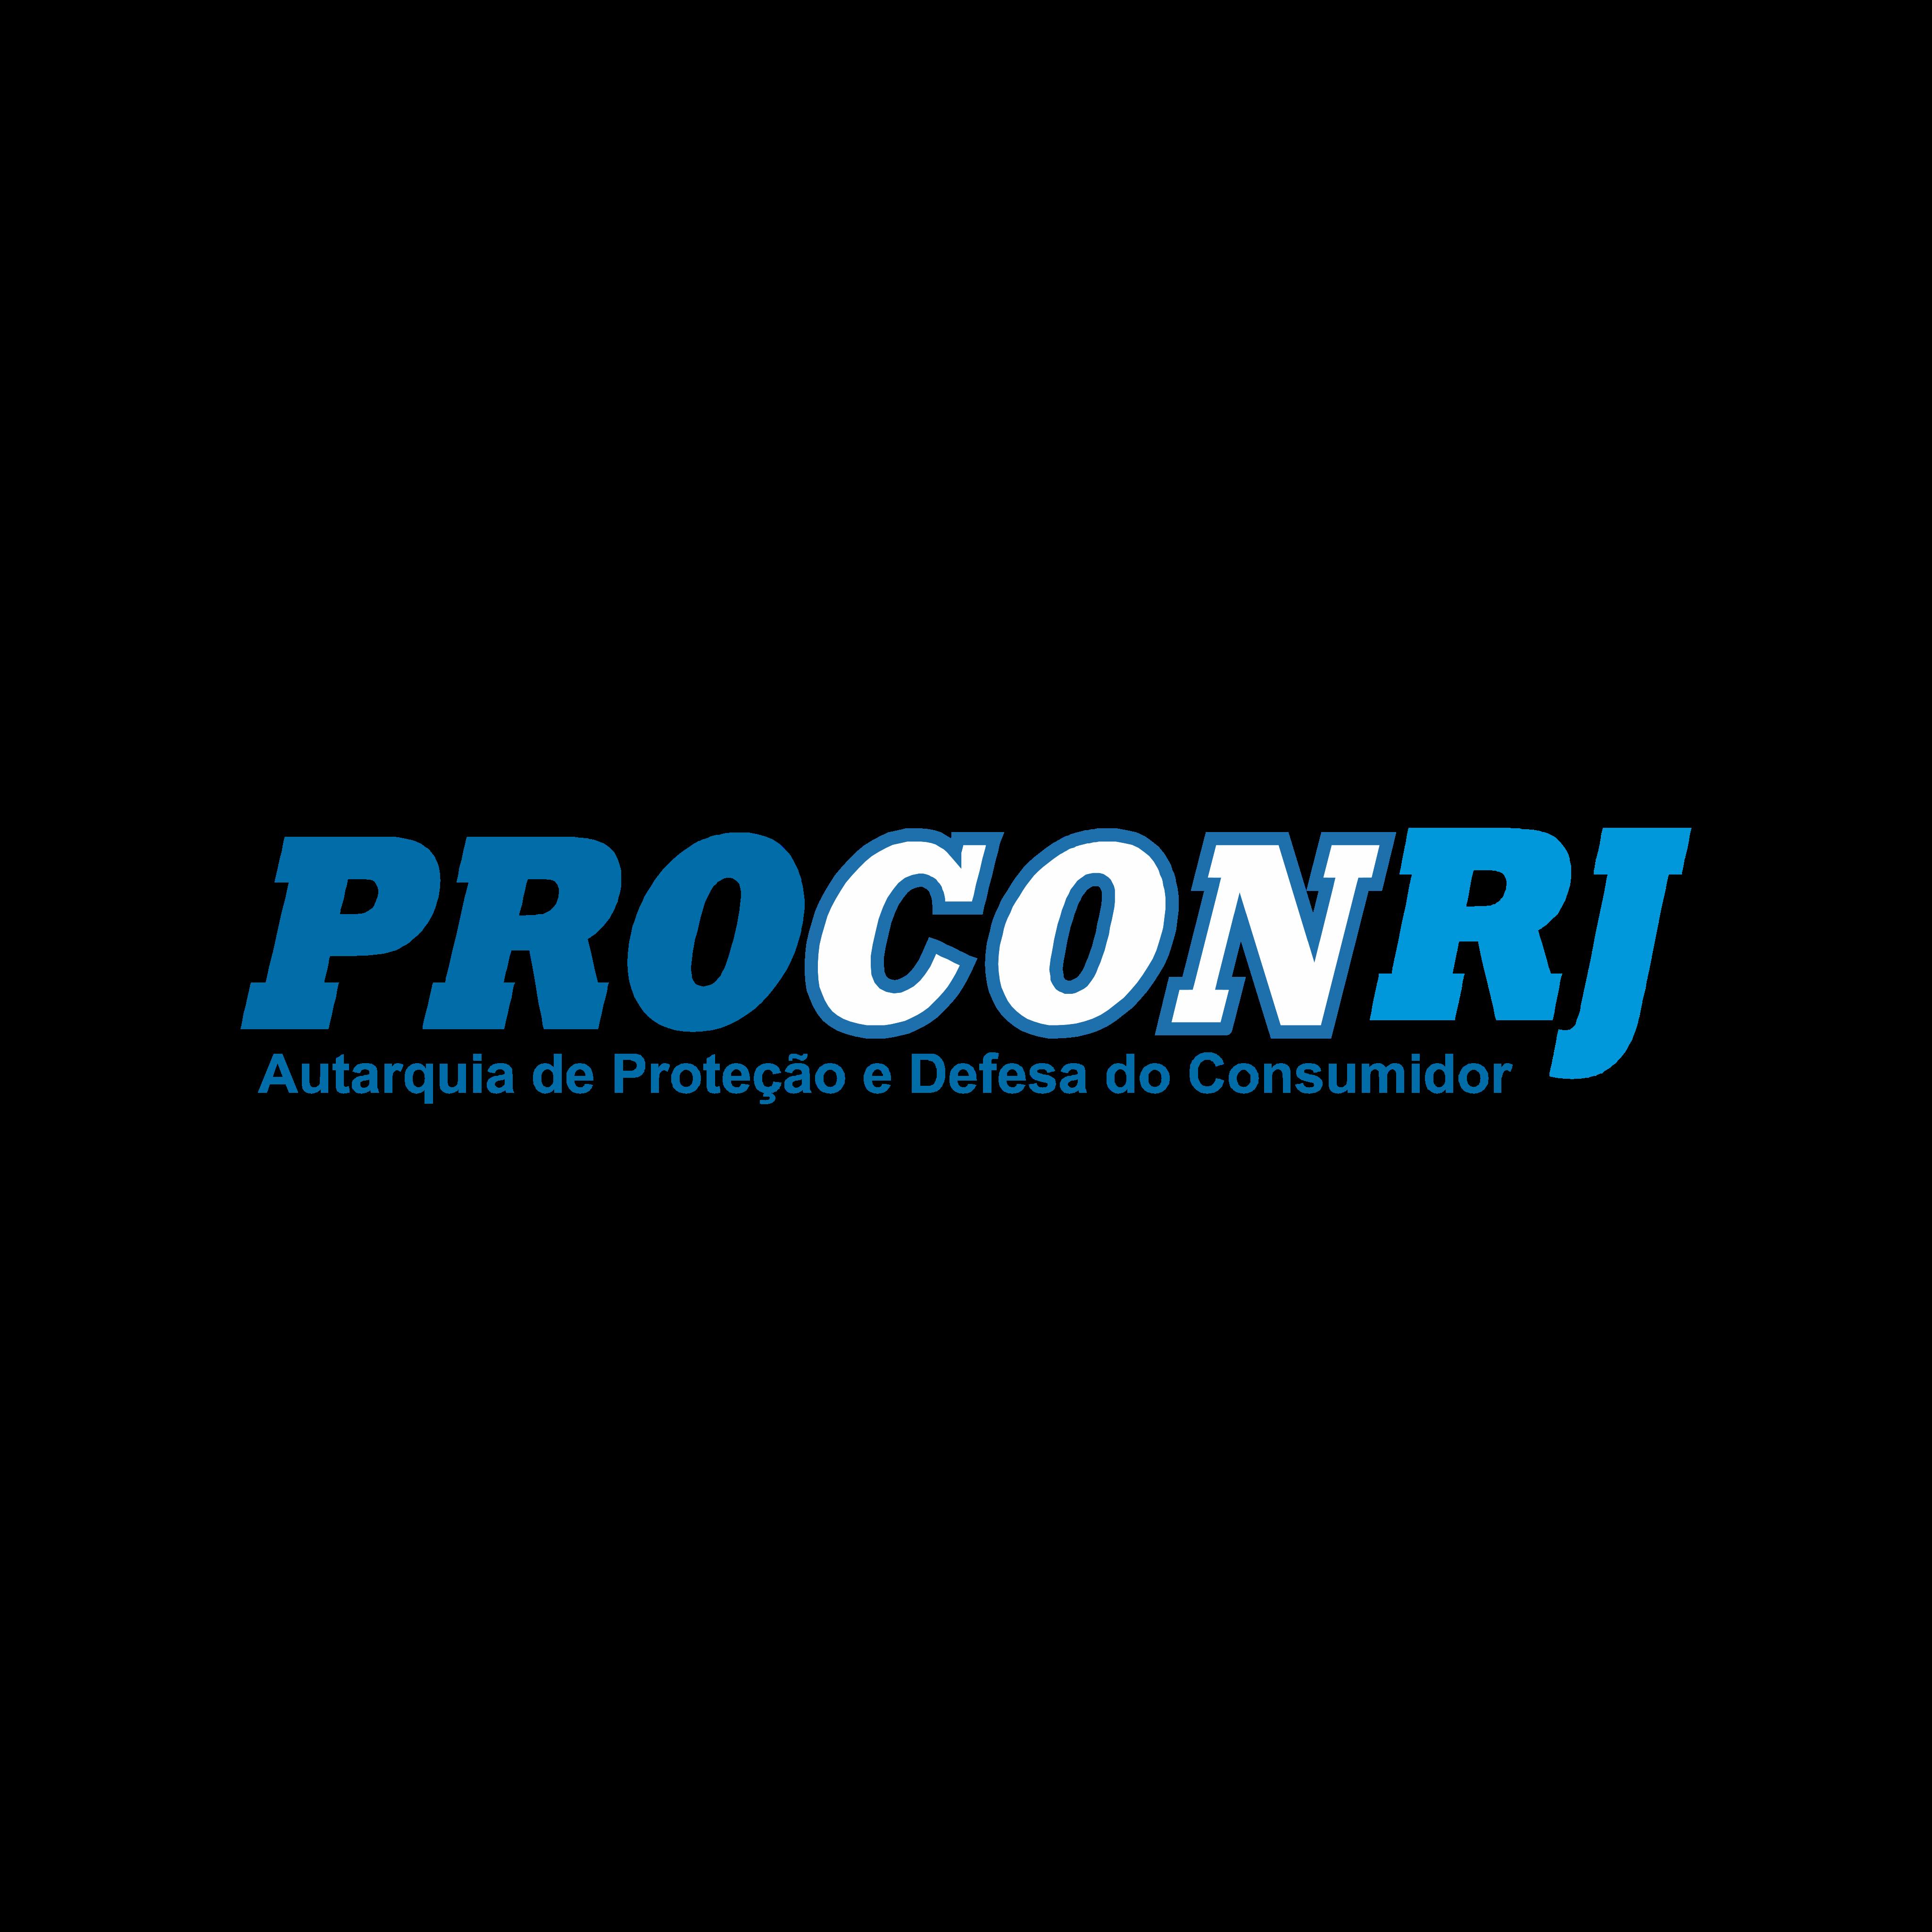 procon rj logo 0 - Procon RJ Logo